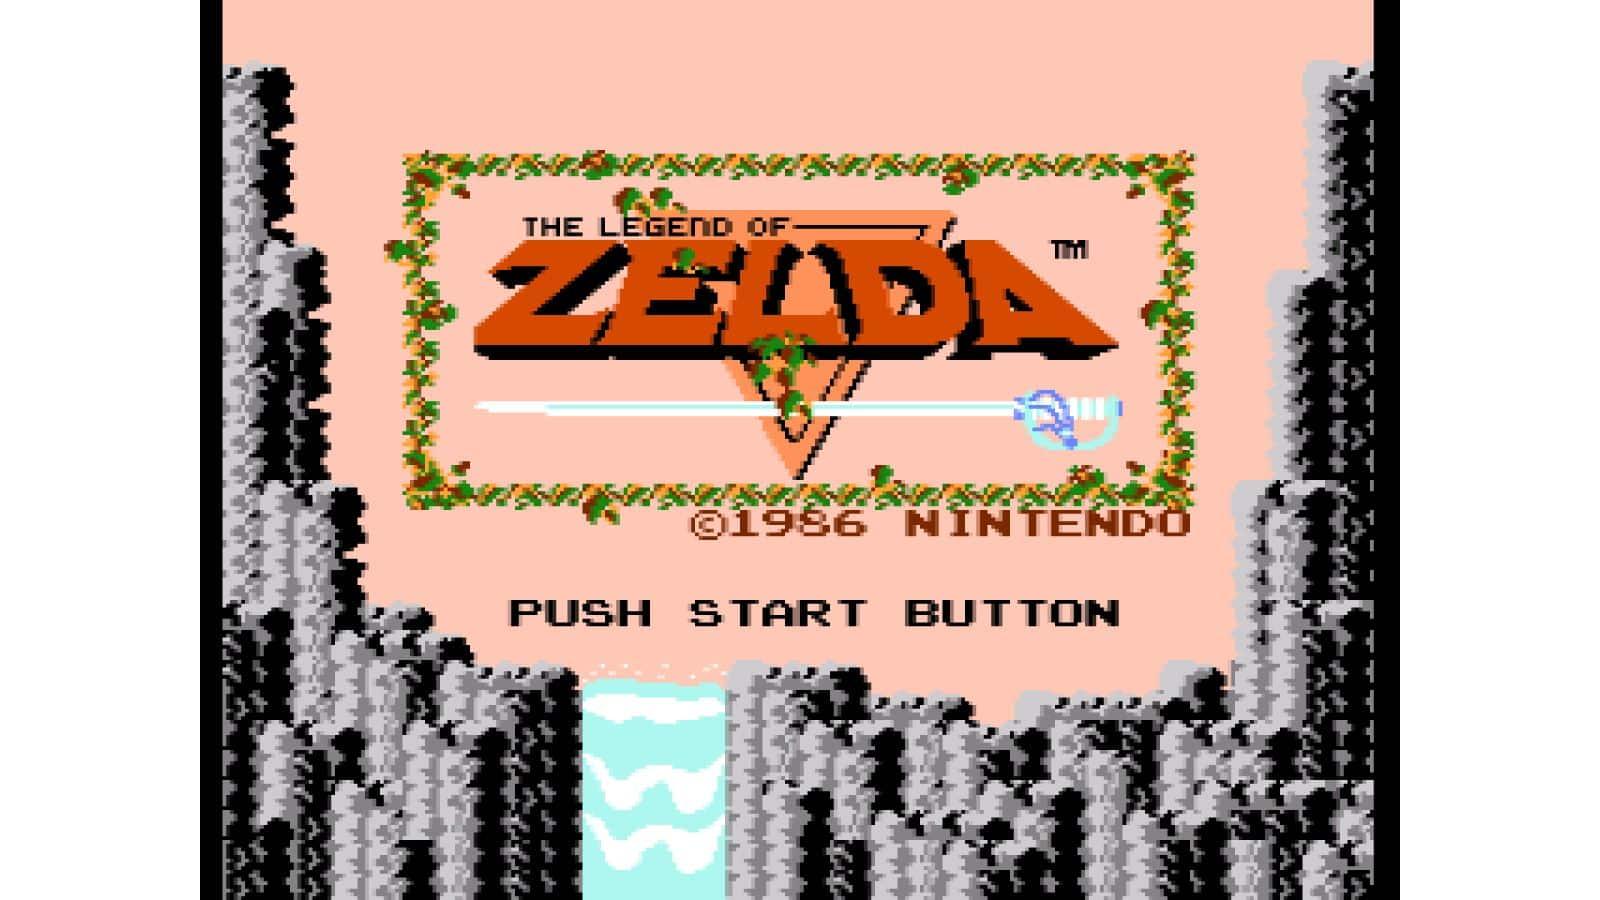 צילום מסך 1 לקונסולת Game & Watch: The Legend of Zelda מסך ראשי בצבע וורוד עם הלוגו של Zelda